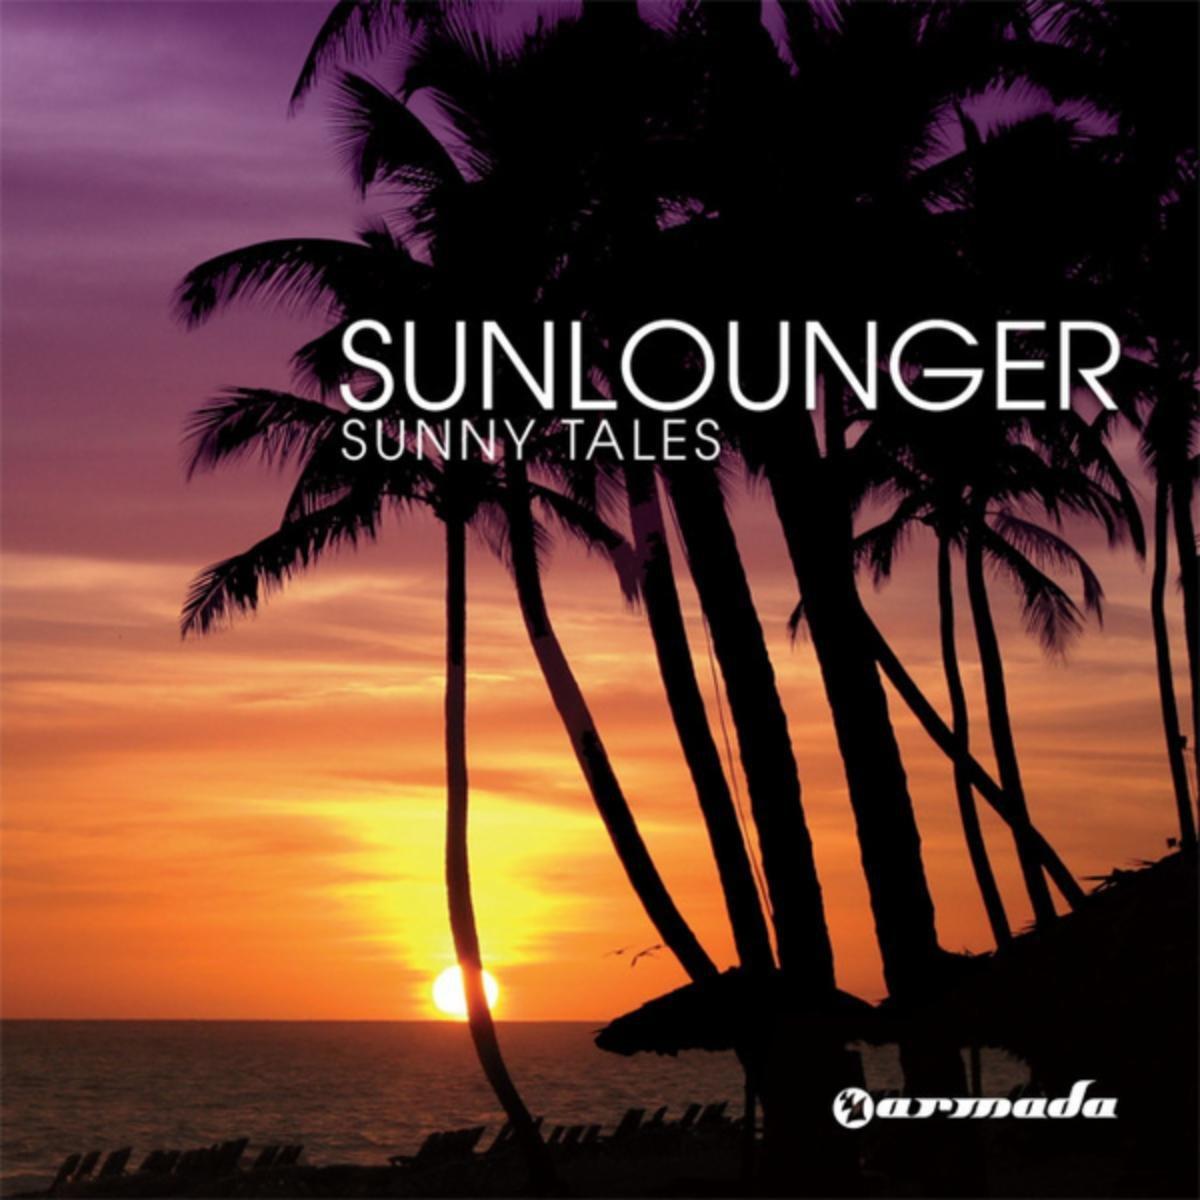 Sunlounger feat. Seis cuerdas – Sunny Tales (2008) [FLAC]